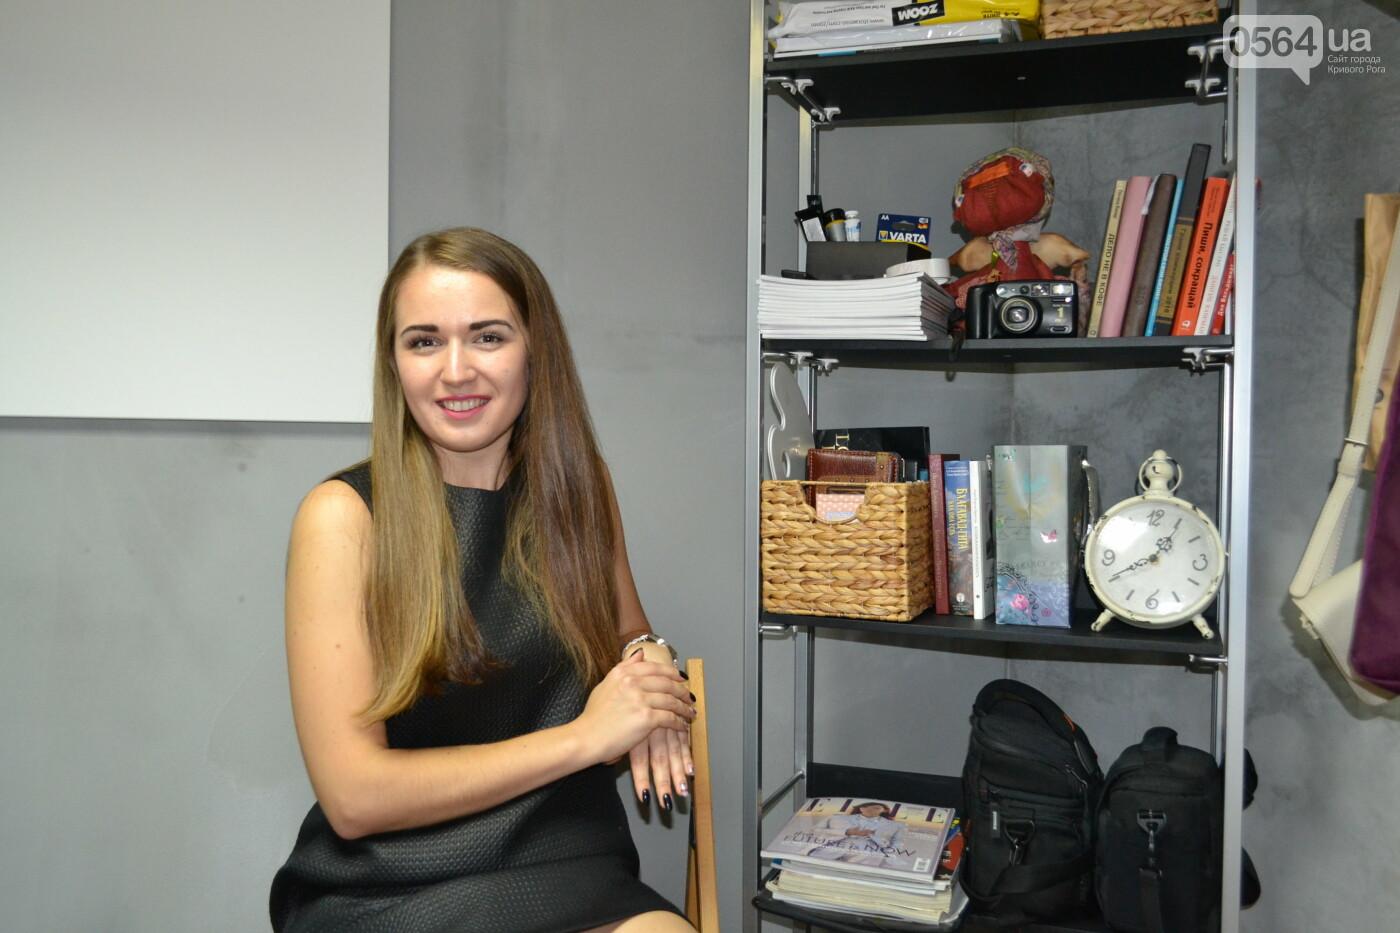 """Познать себя с """"Колибри"""": криворожанка придумала увлекательный проект, который поможет выбрать профессию, - ФОТО, ВИДЕО, фото-2"""